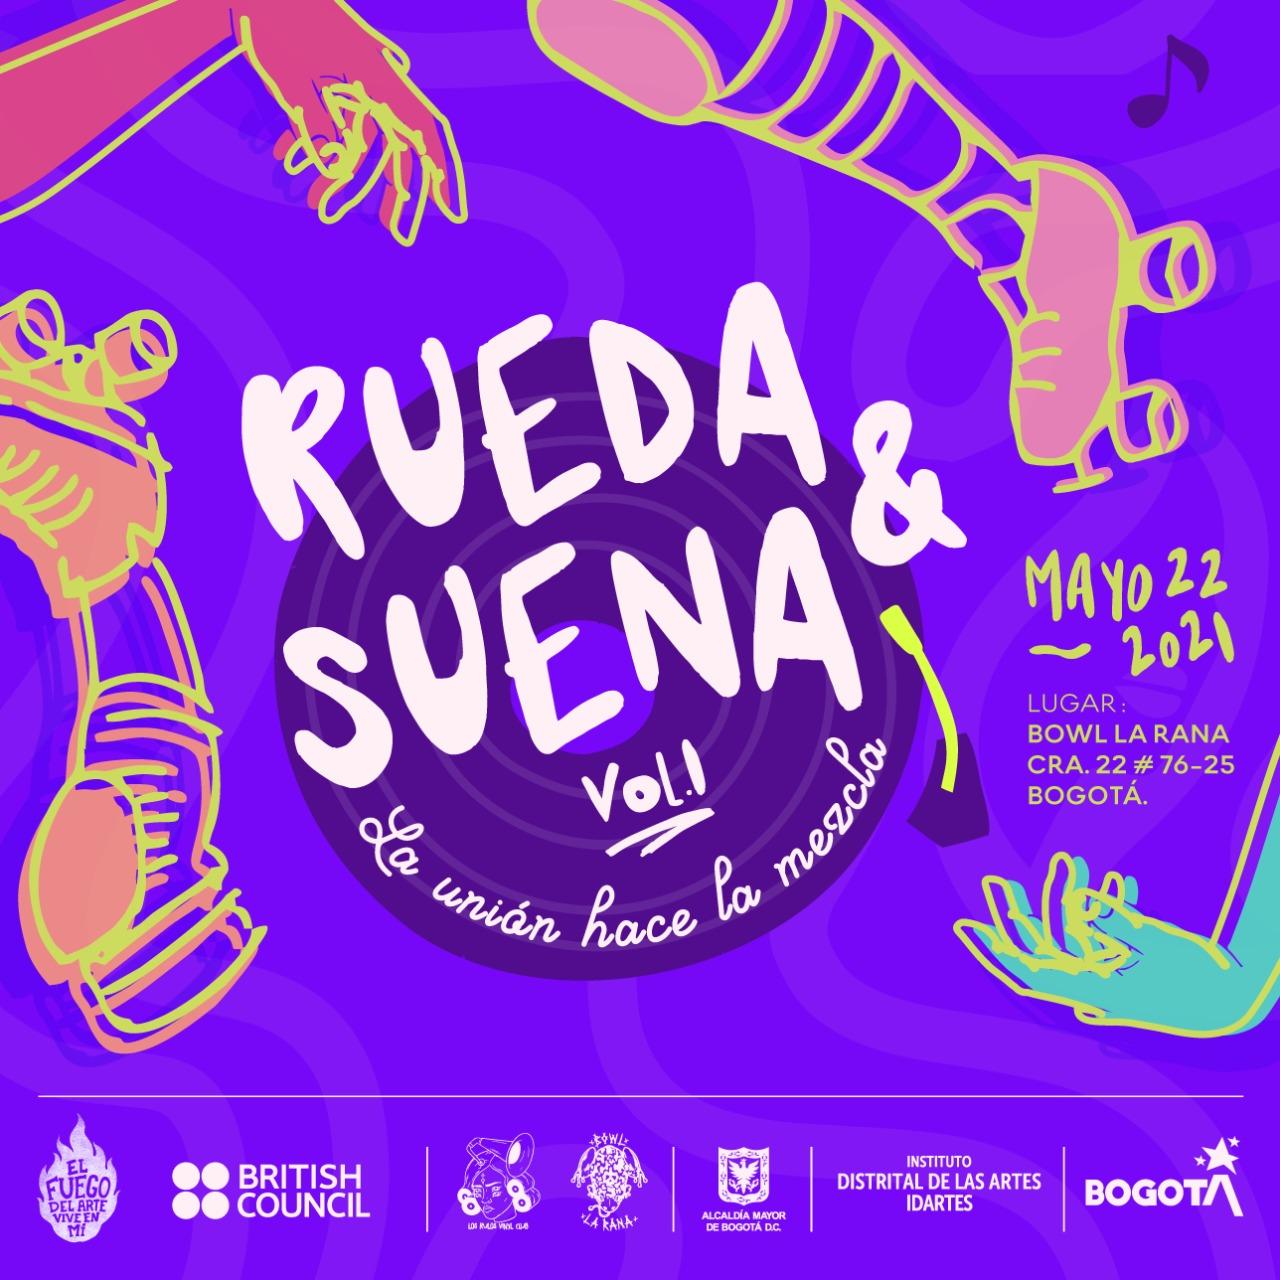 Los Rulos Vinyl Club presenta Rueda y Suena lectora de tracks